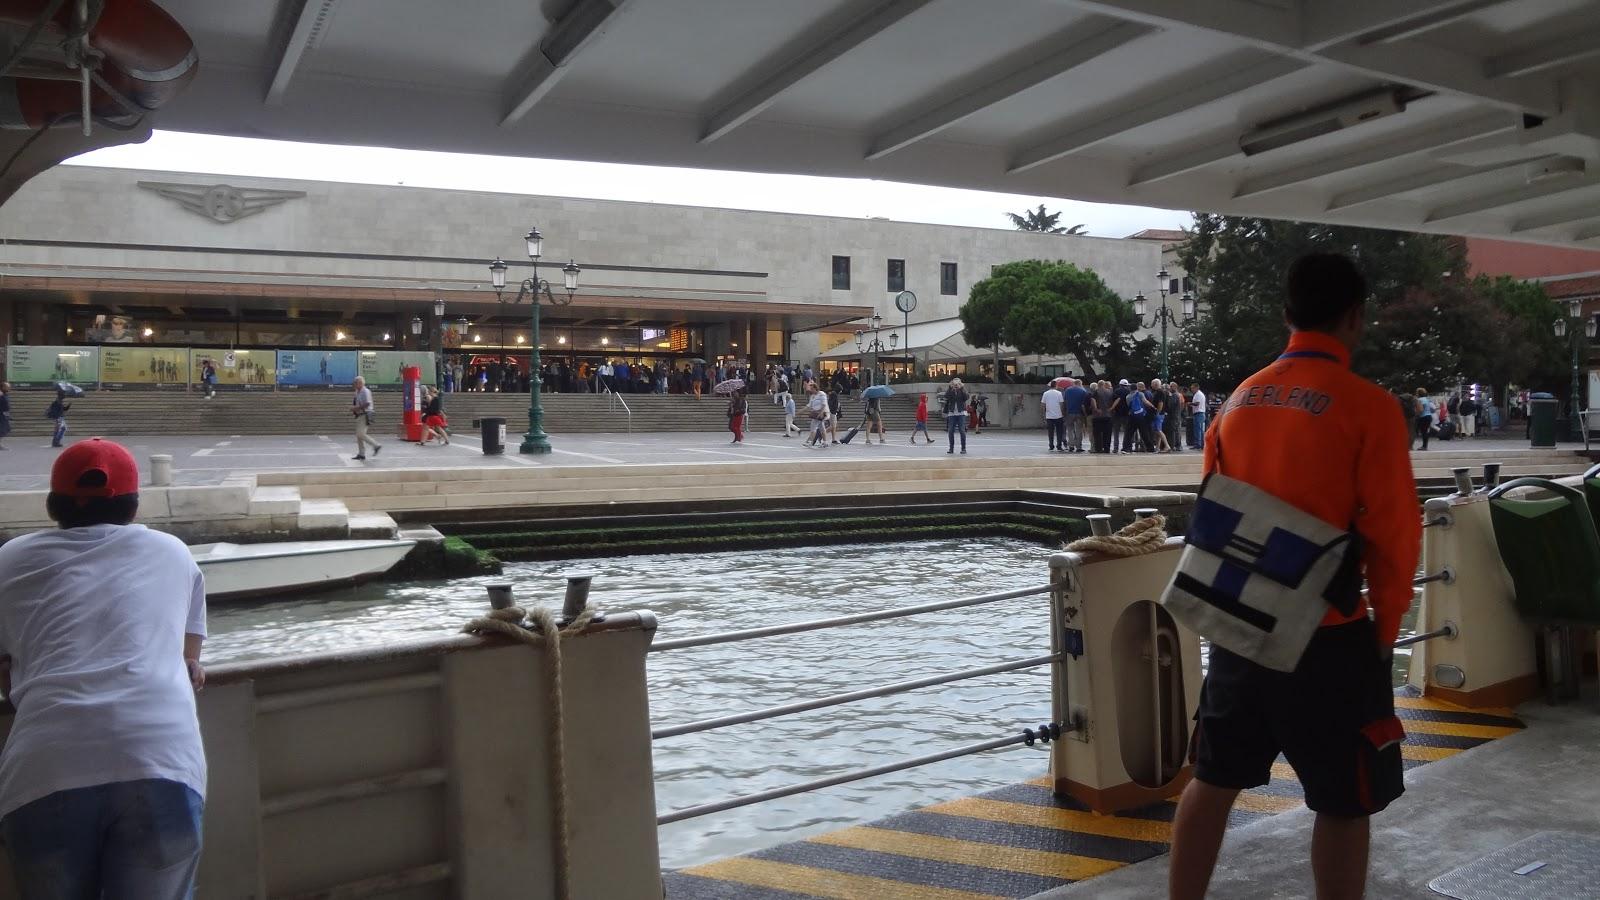 santa maria rail station